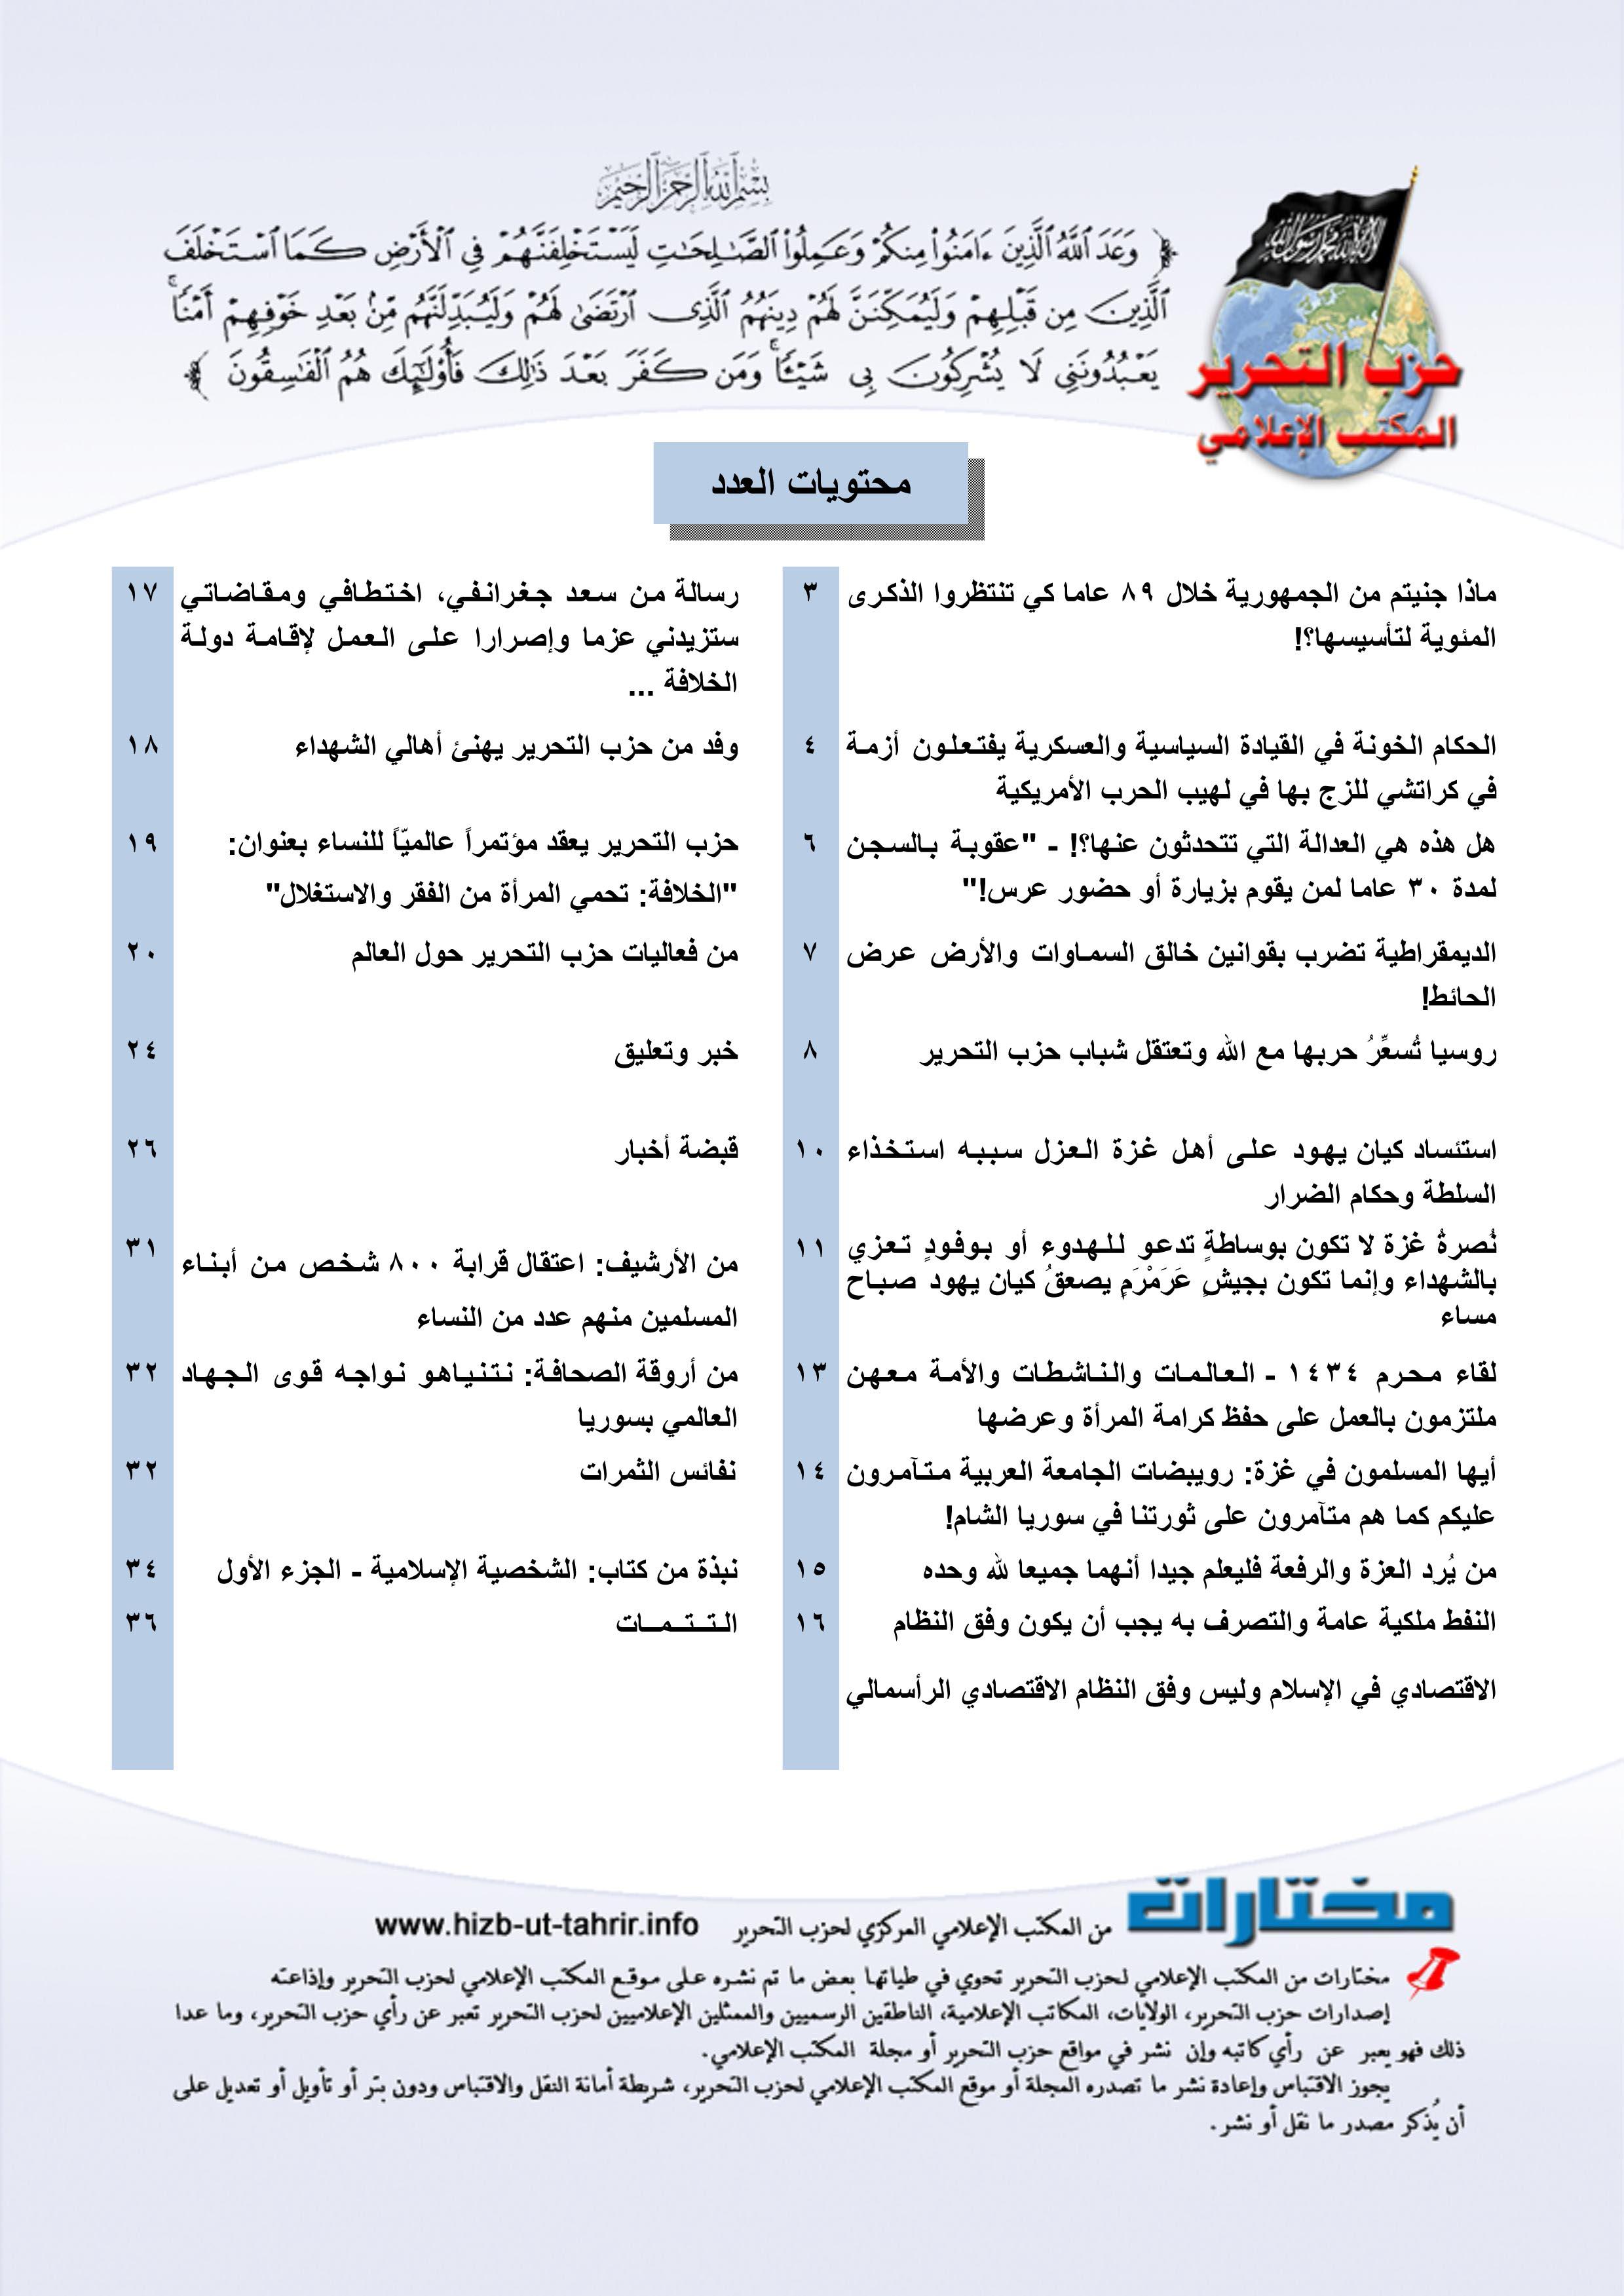 Mokhtarat_51_AR_Fahras.jpg